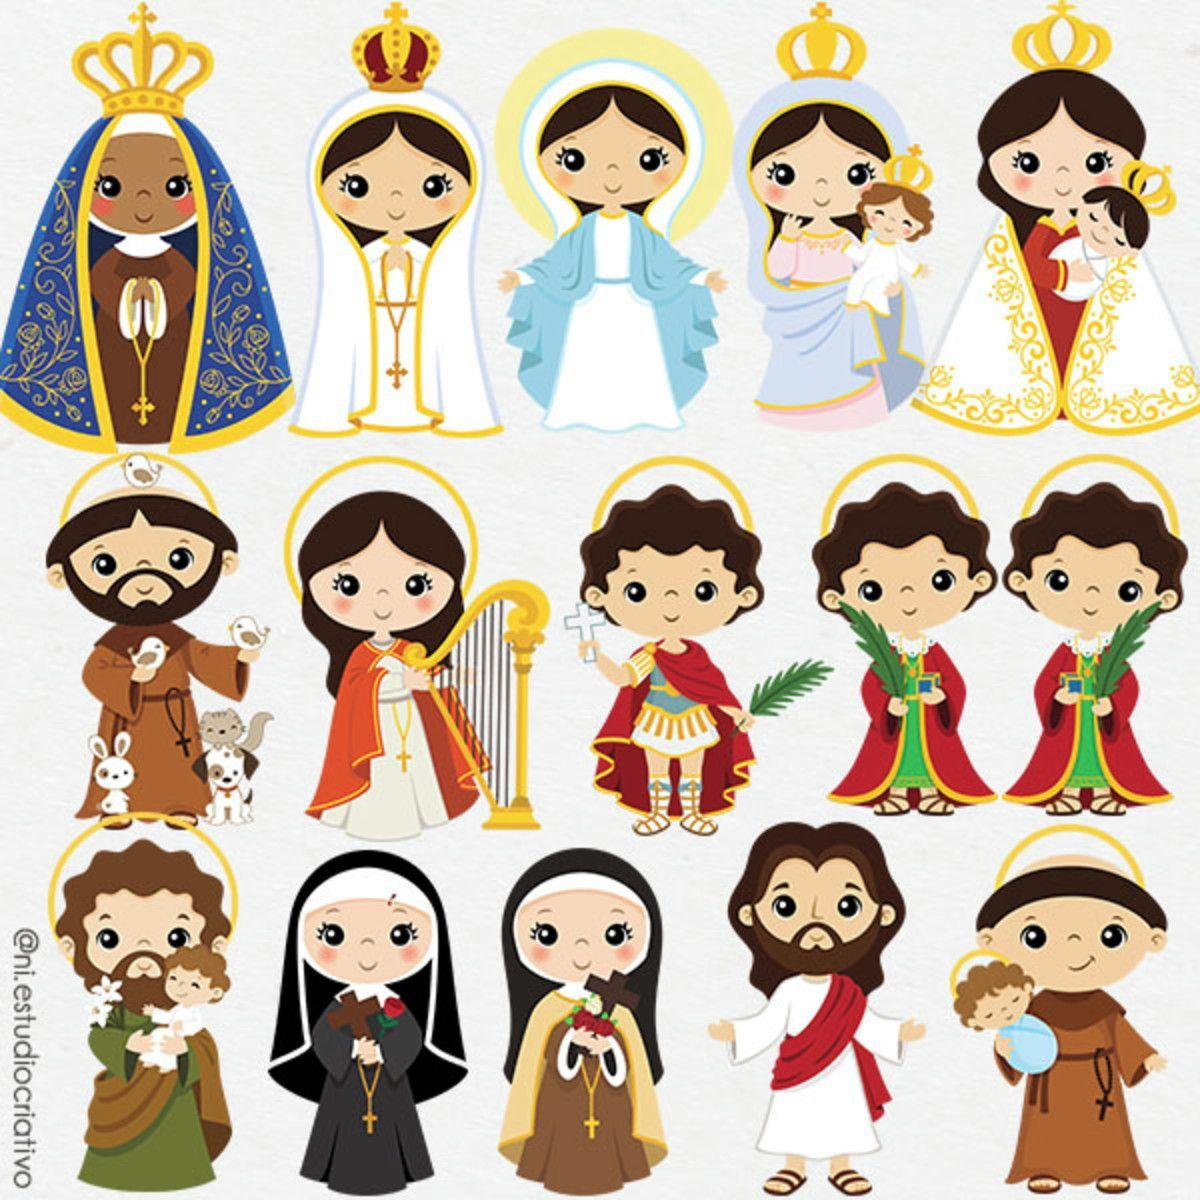 16 Santinhos Com Imagens Imagens Religiosas Desenho Religioso